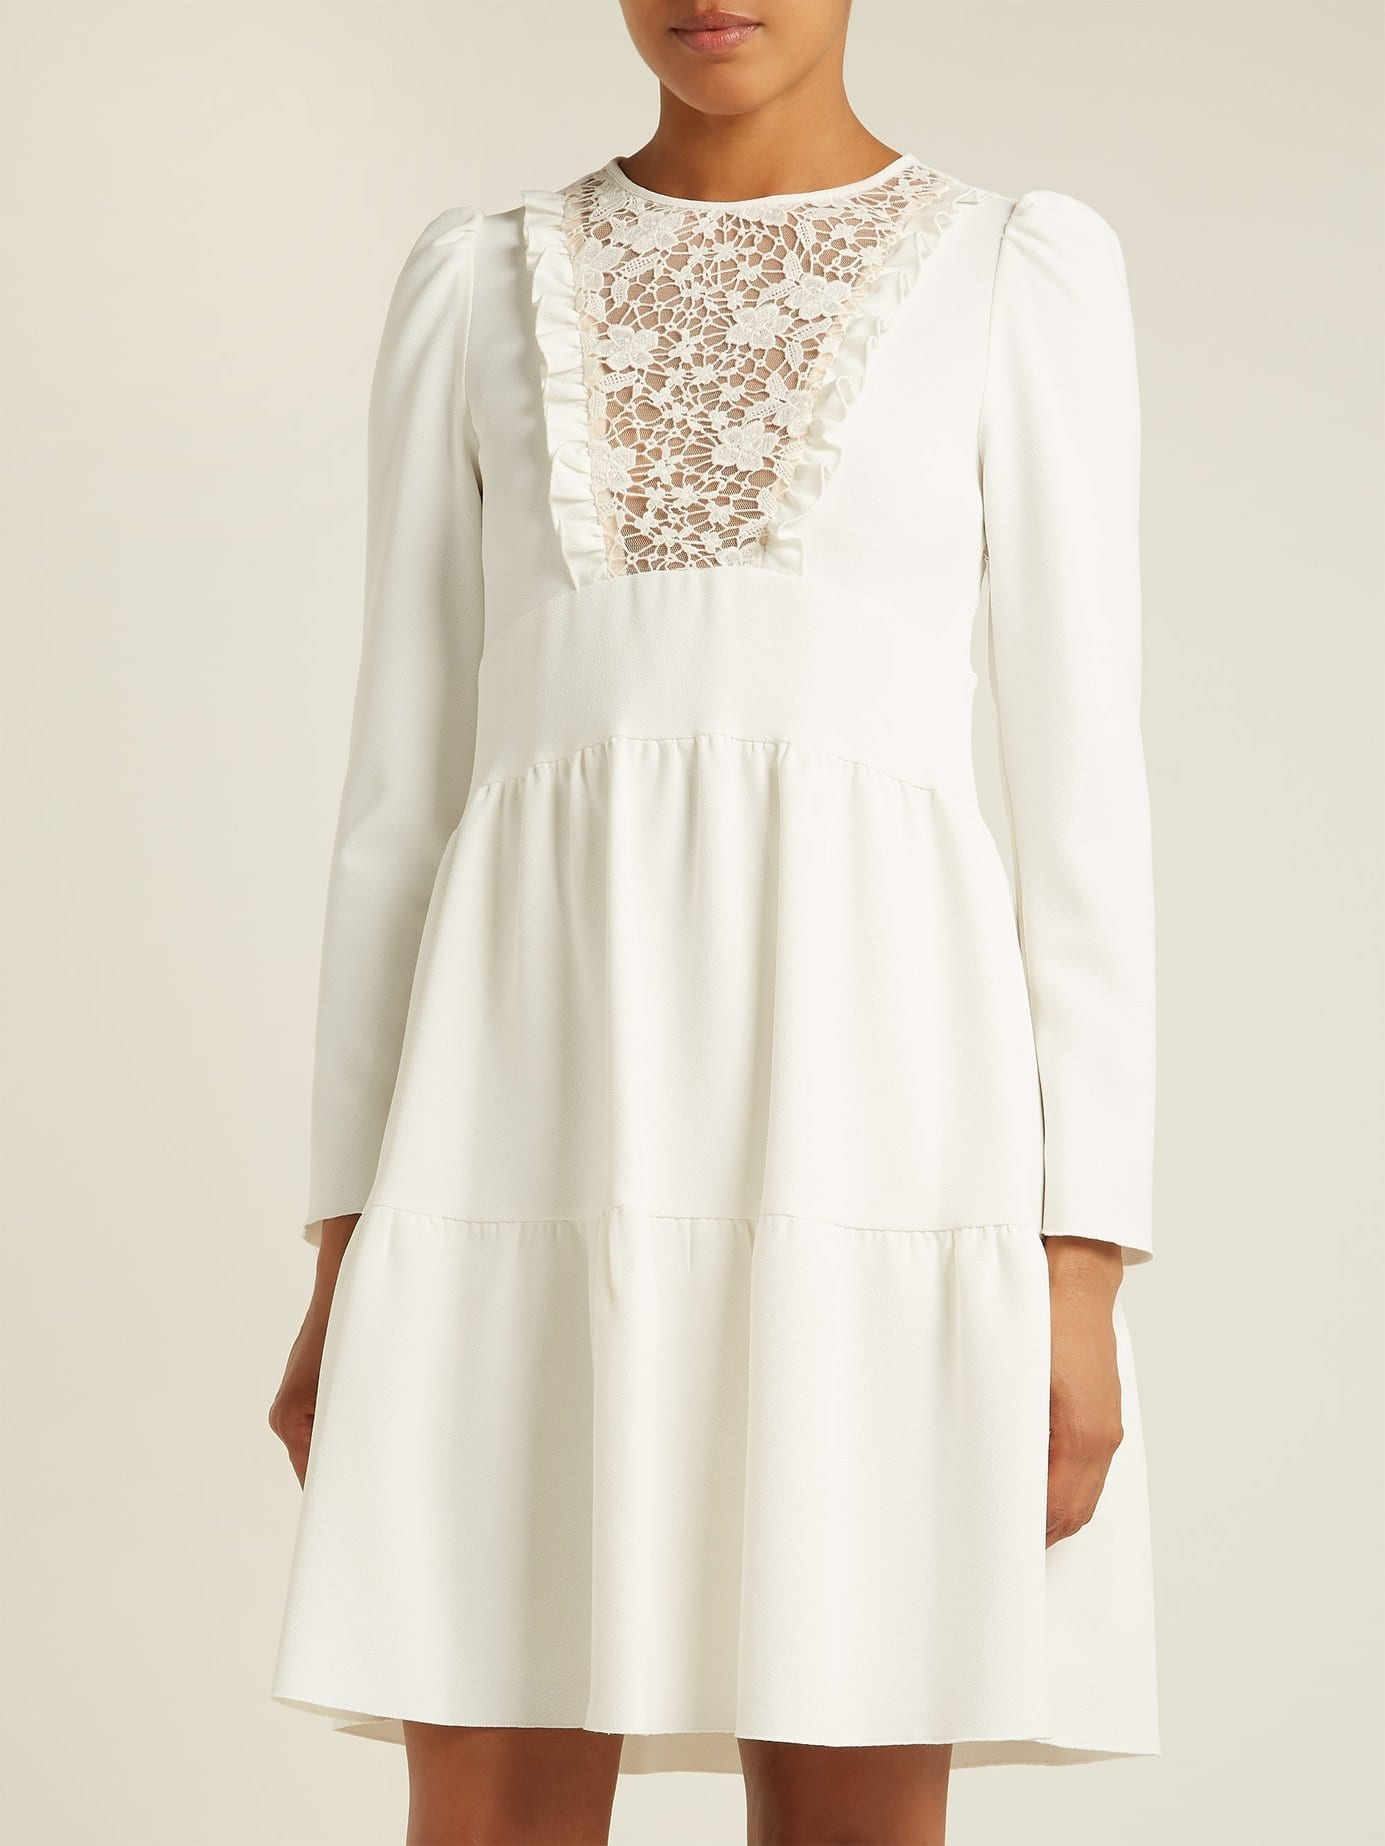 See By ChloÉ Lace Crêpe White Dress